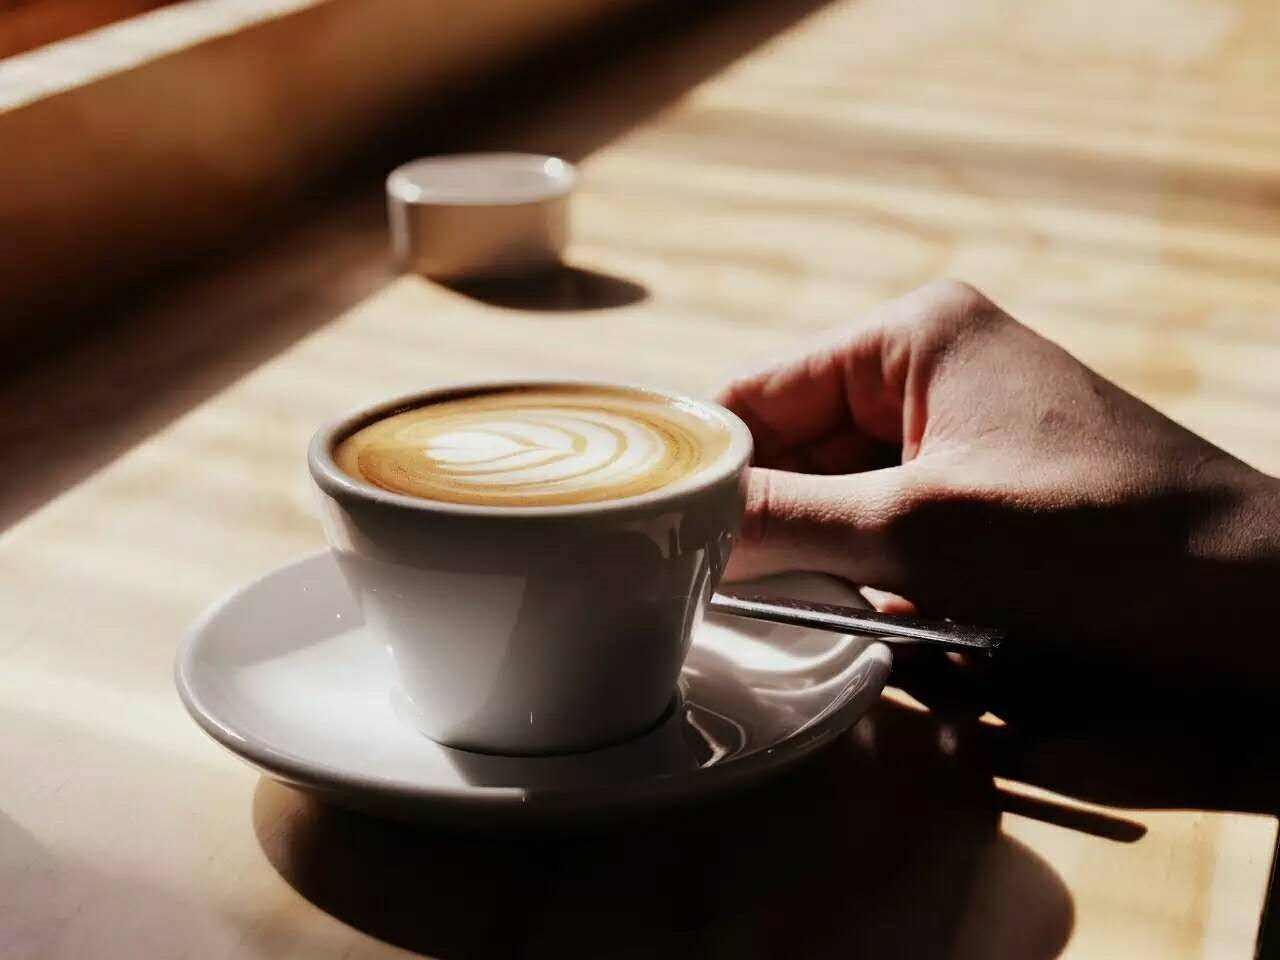 疫情催化下,谁将成为咖啡赛道的领跑者?